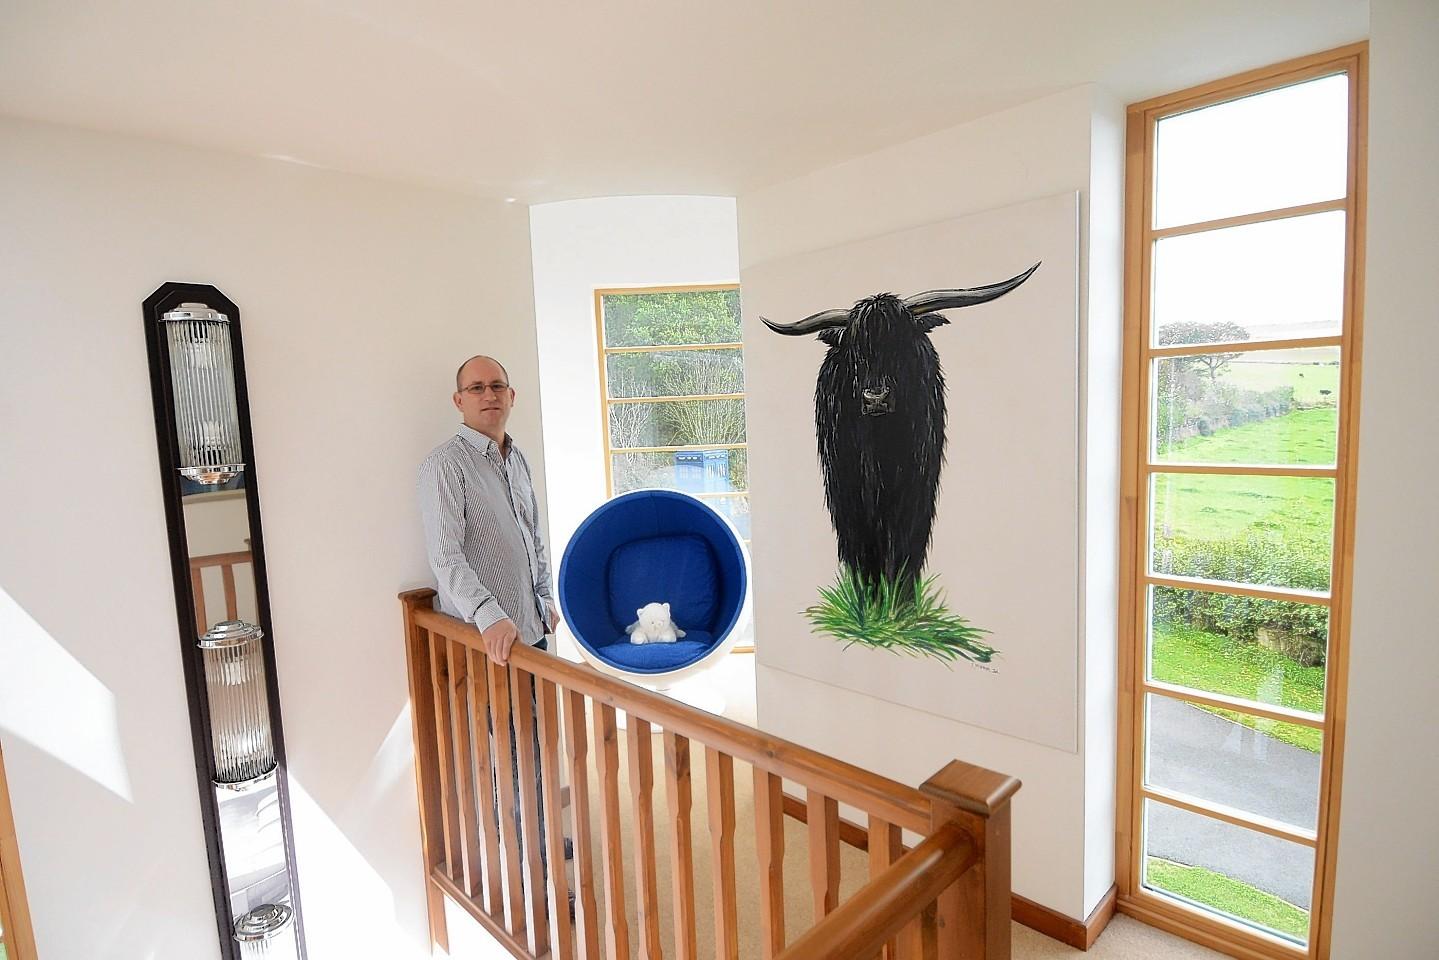 Tony Allen in his Aberdeenshire home